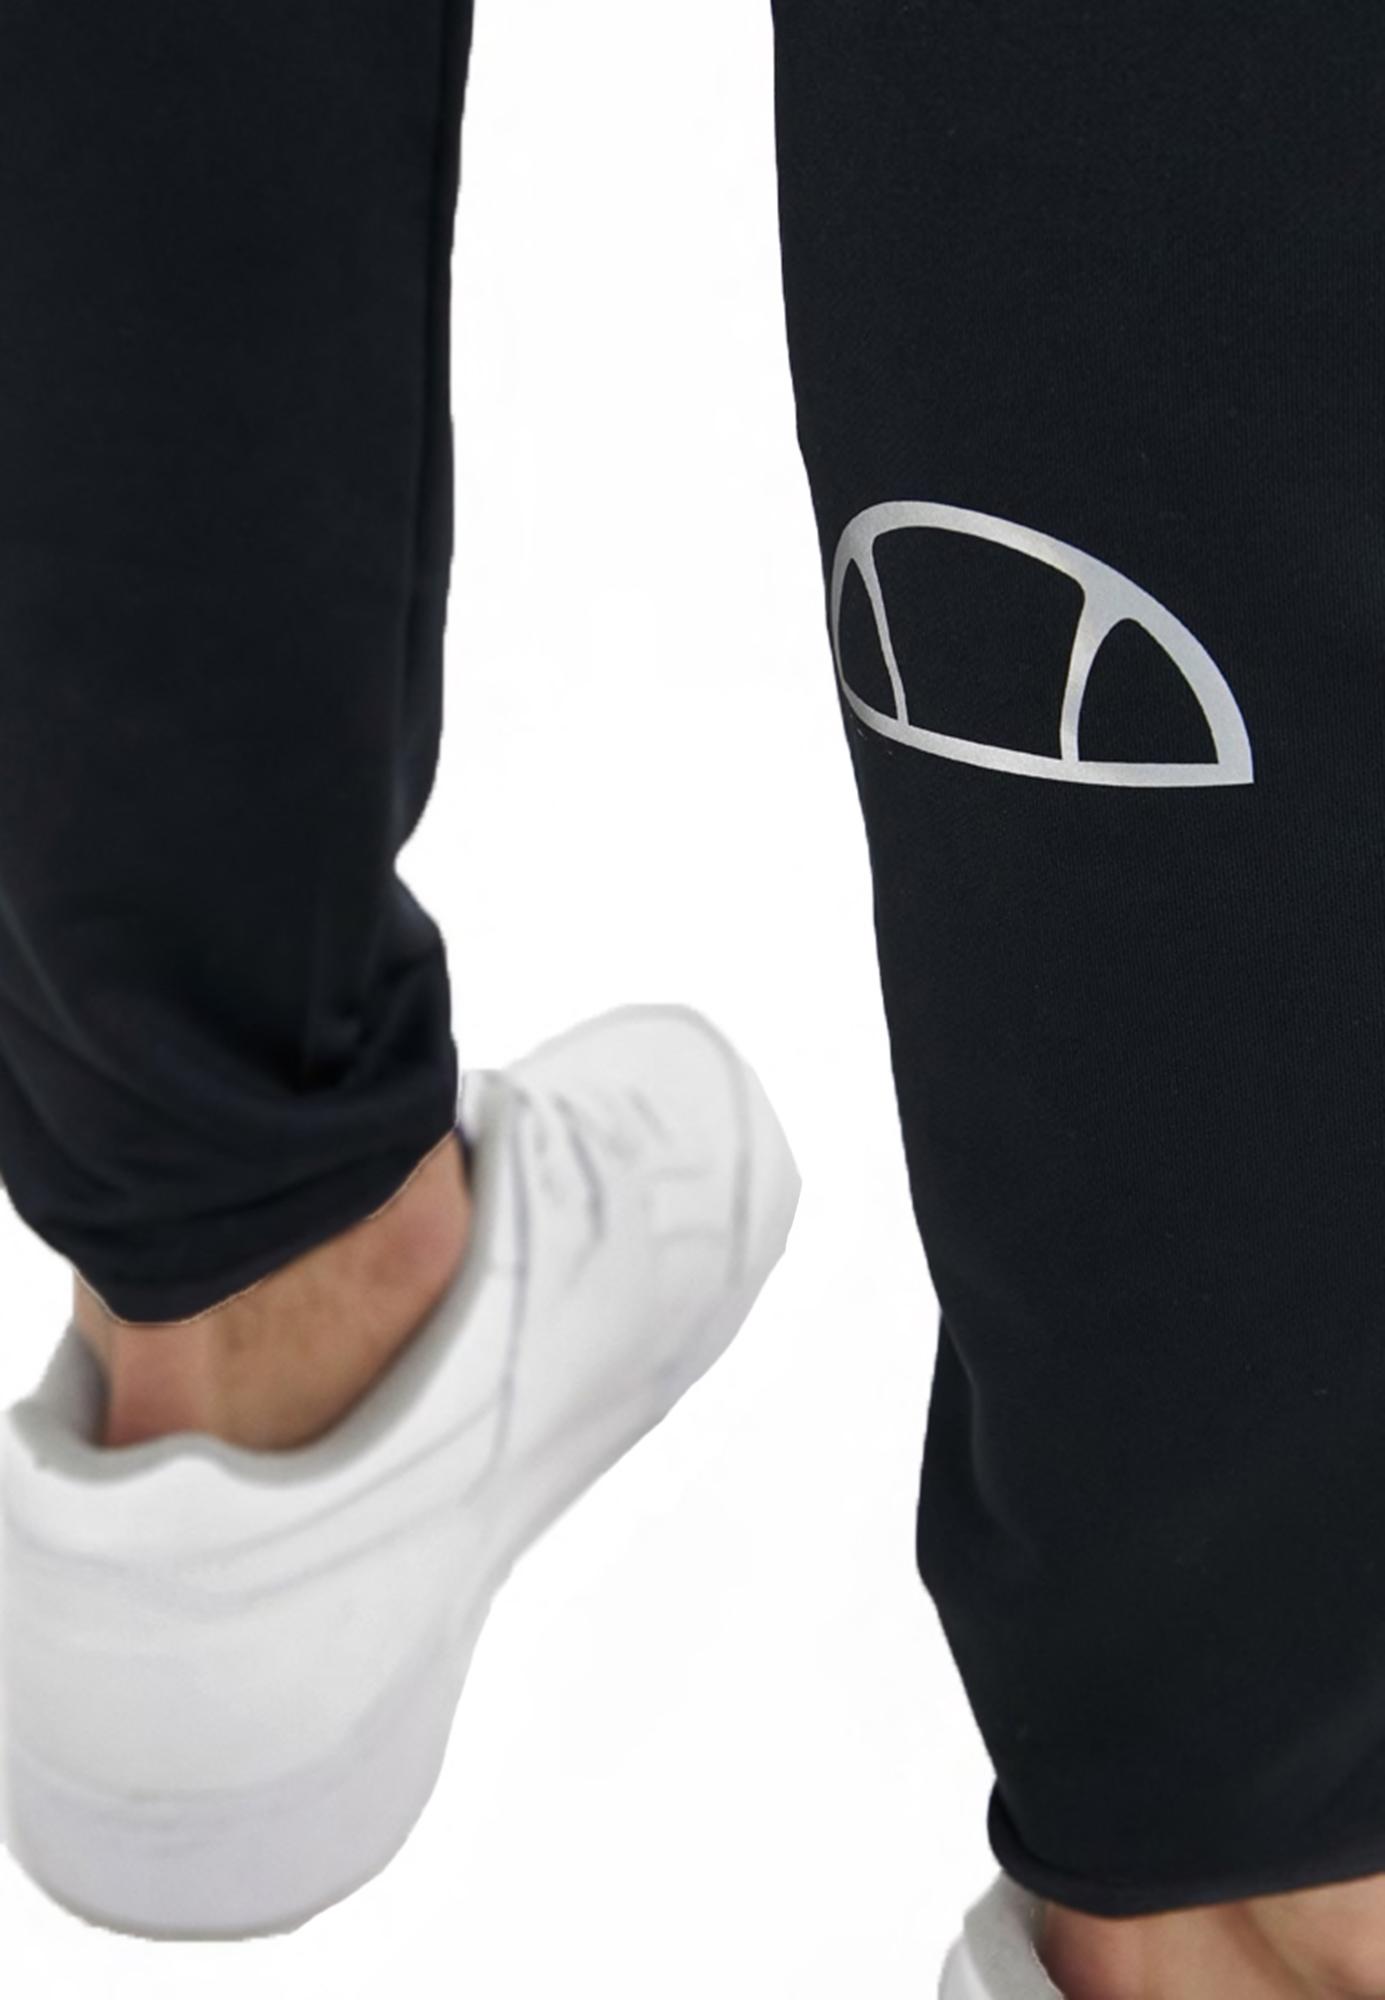 Detalles de Ellesse Hombre Run Jogging Fondos Poliéster Chándal Pantalones Antracita Negro